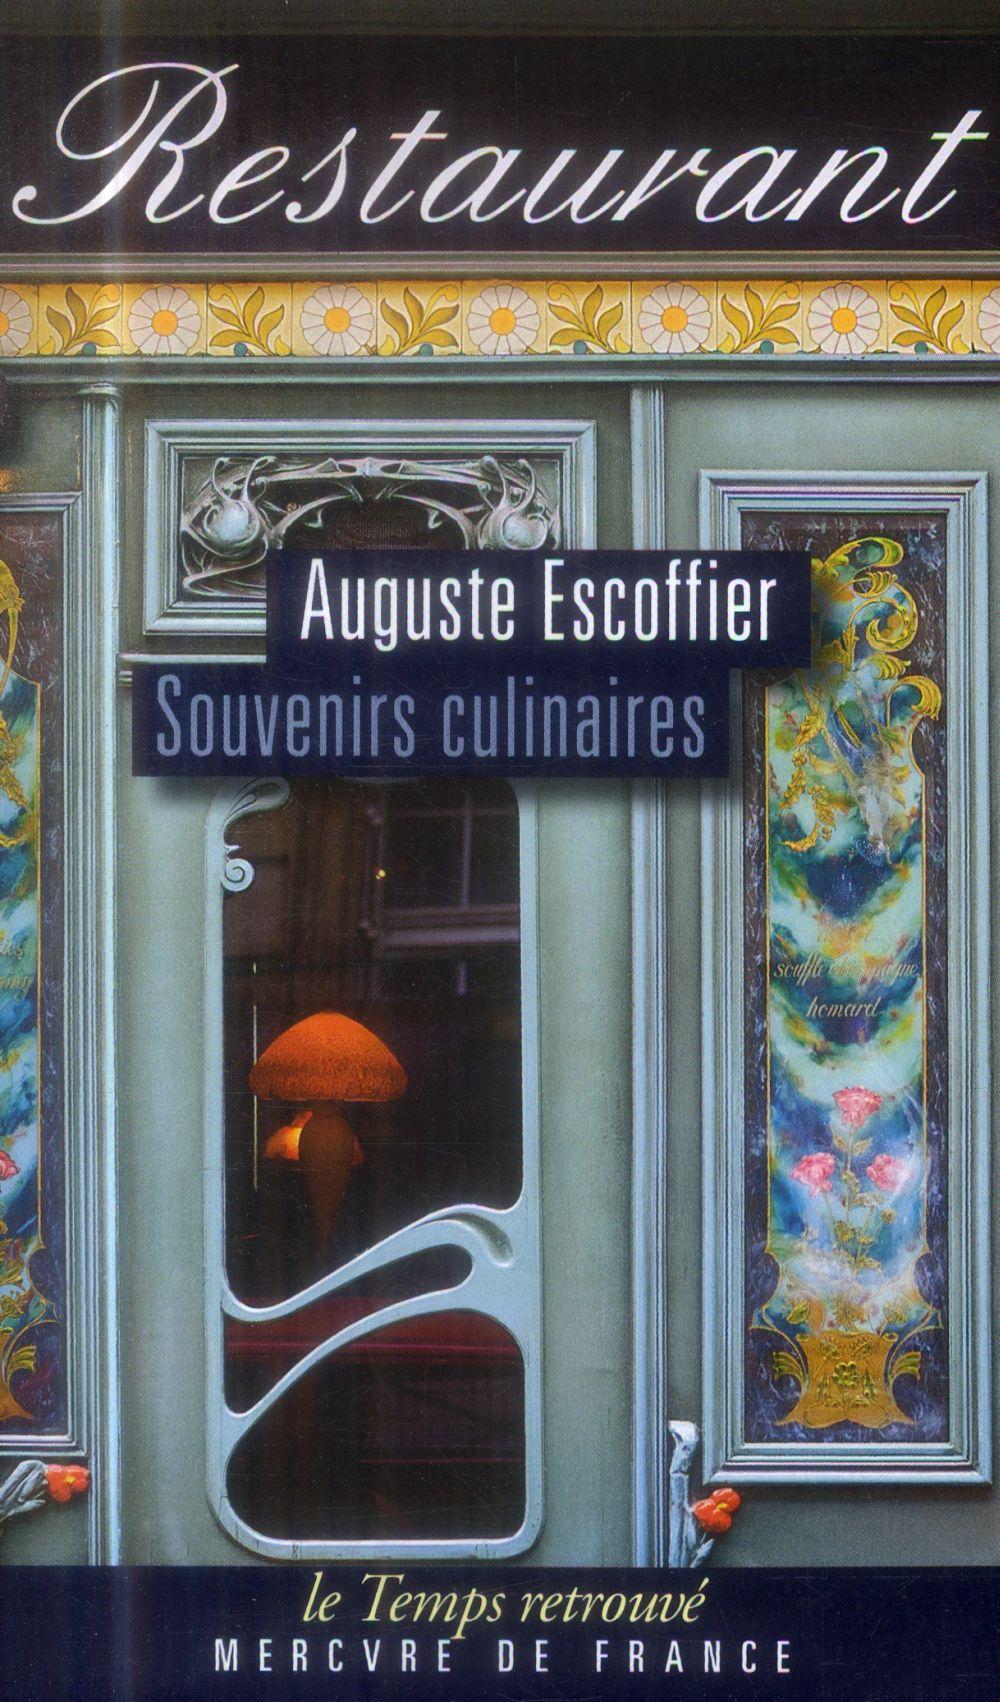 SOUVENIRS CULINAIRES ESCOFFIER AUGUSTE Mercure de France